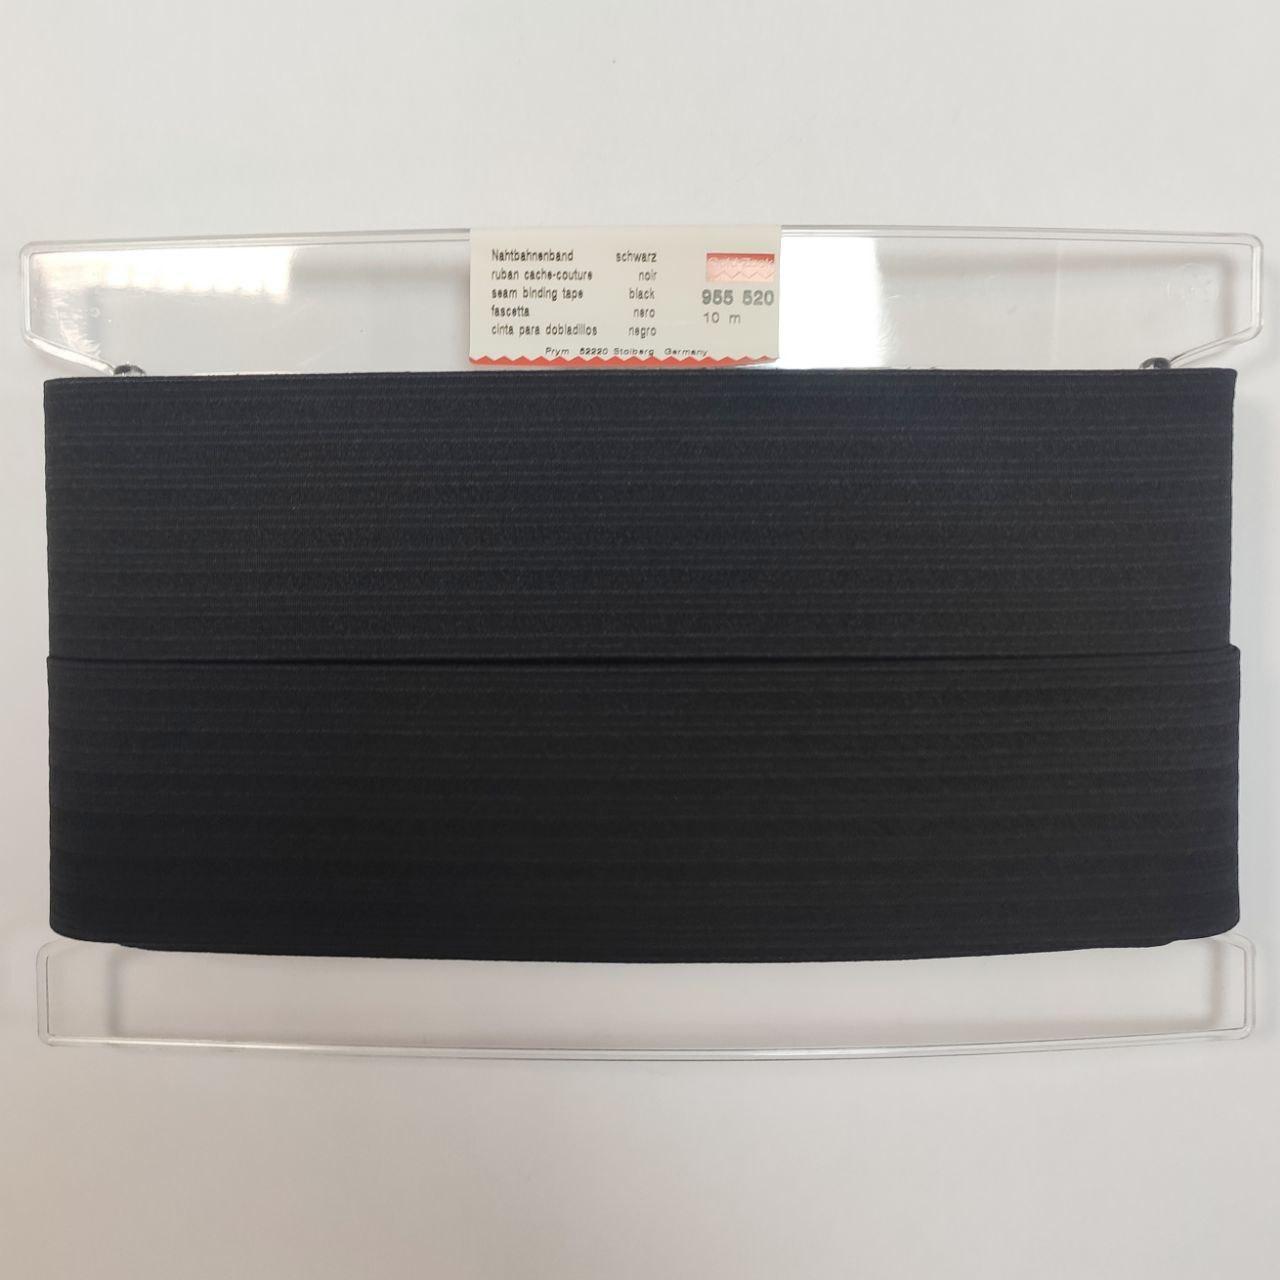 Текстильная швейная плоская резинка 60 мм, Gold-Zack от Prym